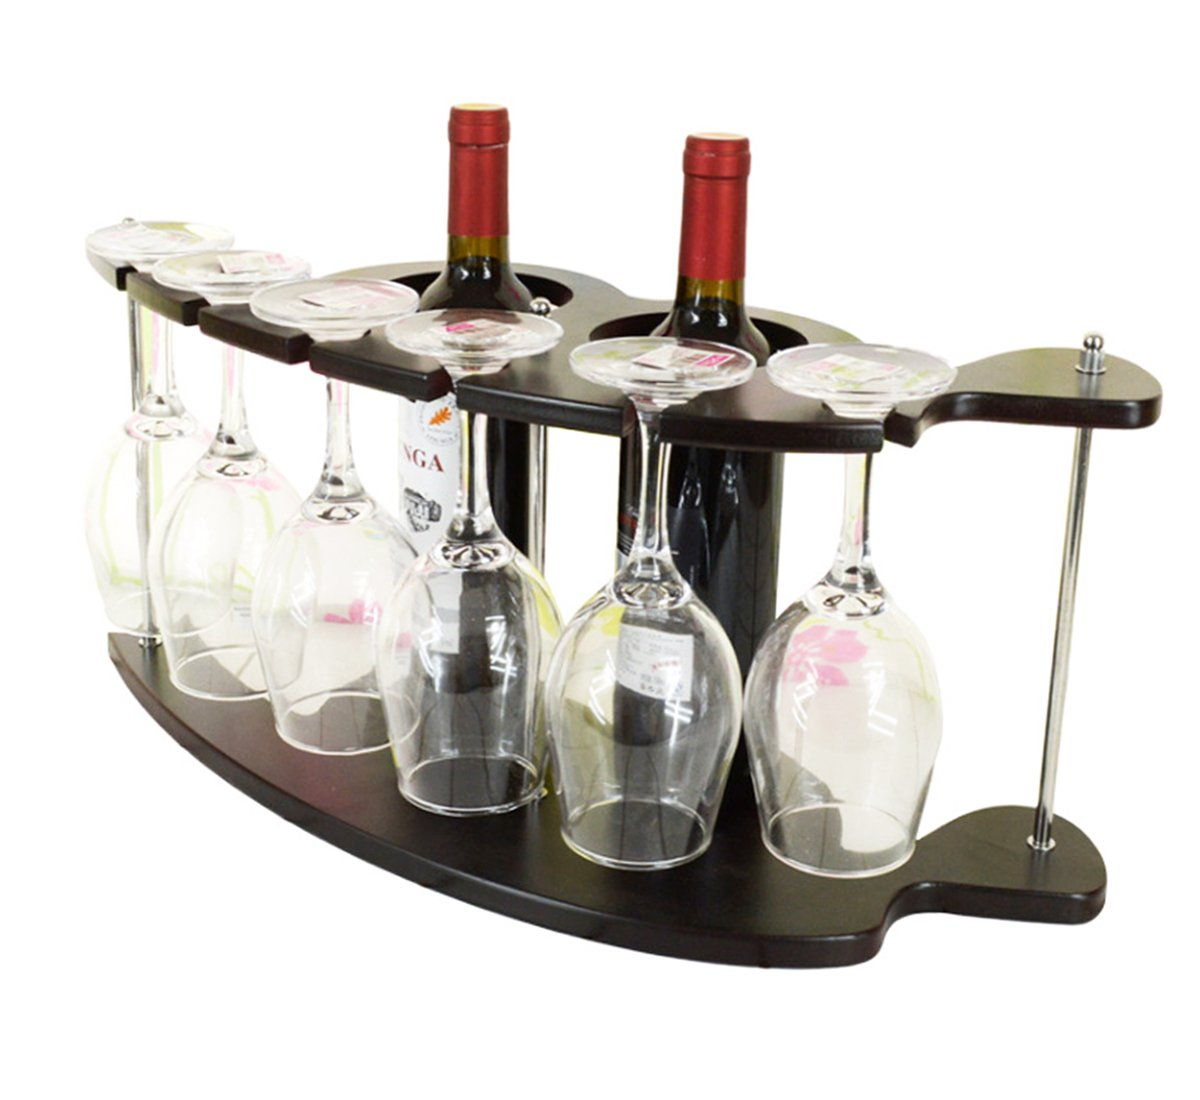 Ukgood creativo elegante ad alta densità di legno vino e bicchieri in vetro stand/rack/Holder/mensola per piano di lavoro, tavoli, e Pi Home Restanrant party mini bar–-può contenere 2bottiglie di vino & 6a stelo